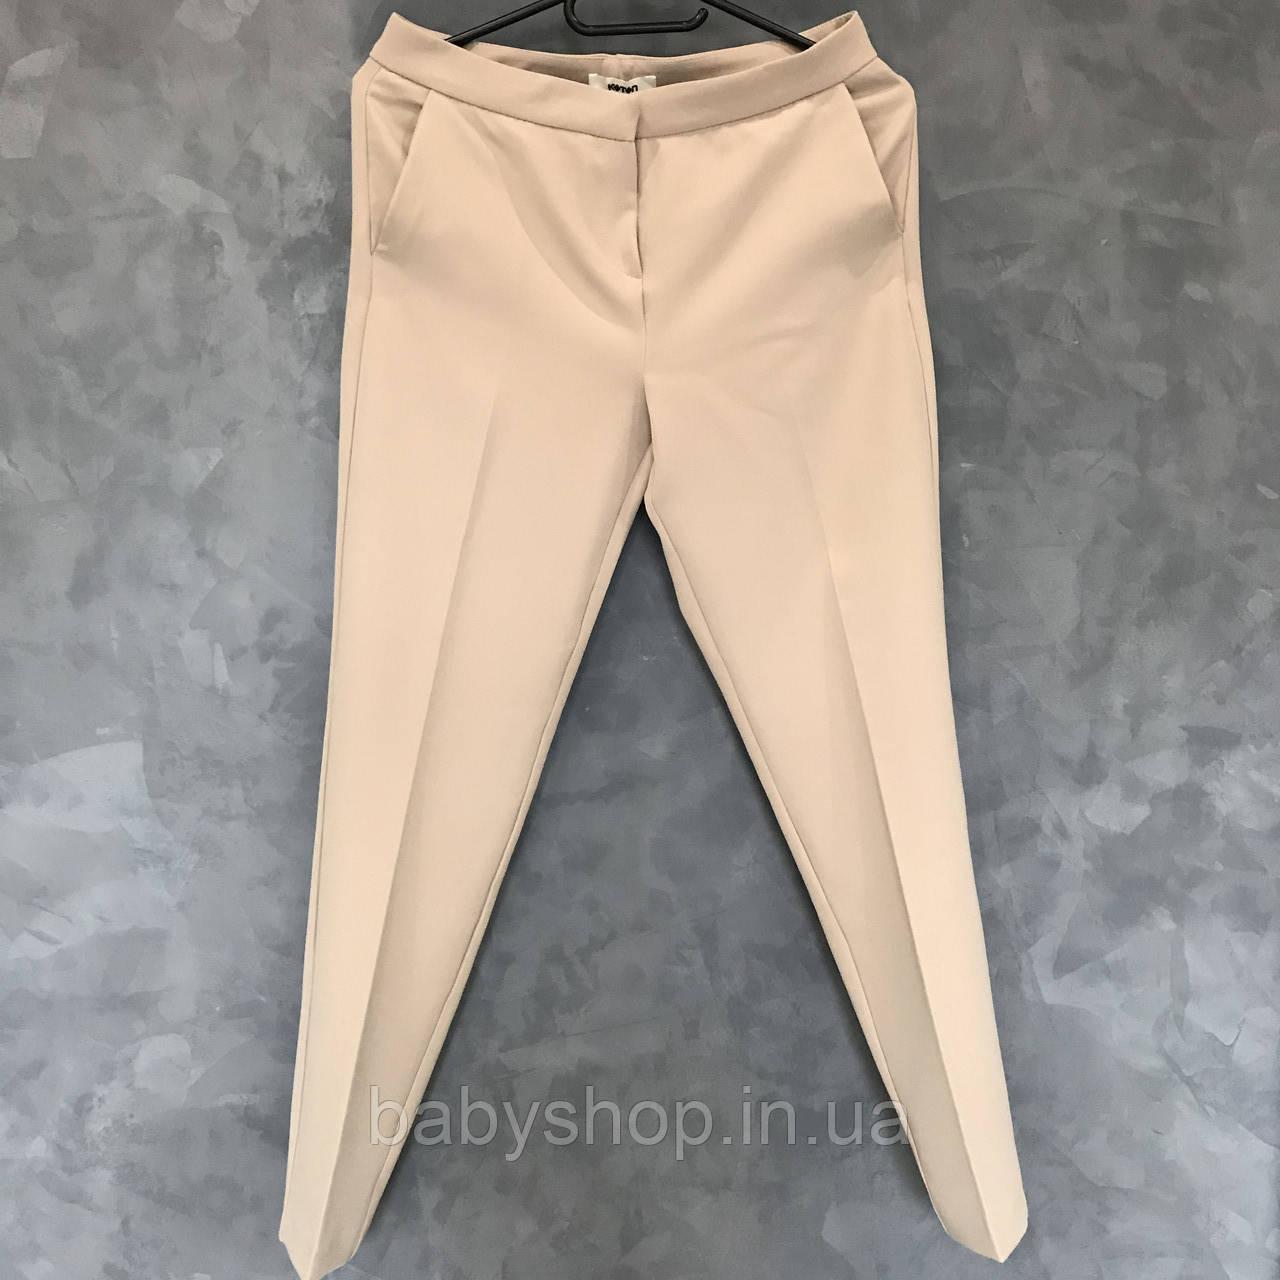 Стильные женские штаны. Размер XS, S